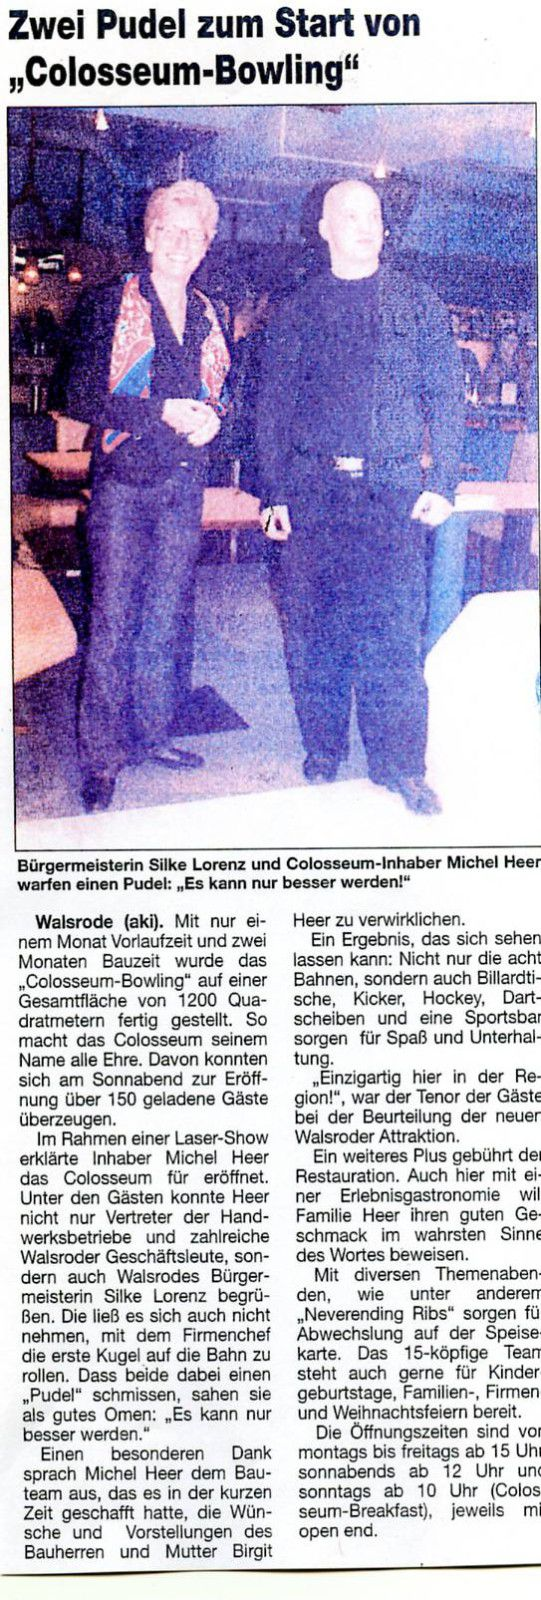 Wochenspiegel-07.10.07.jpg